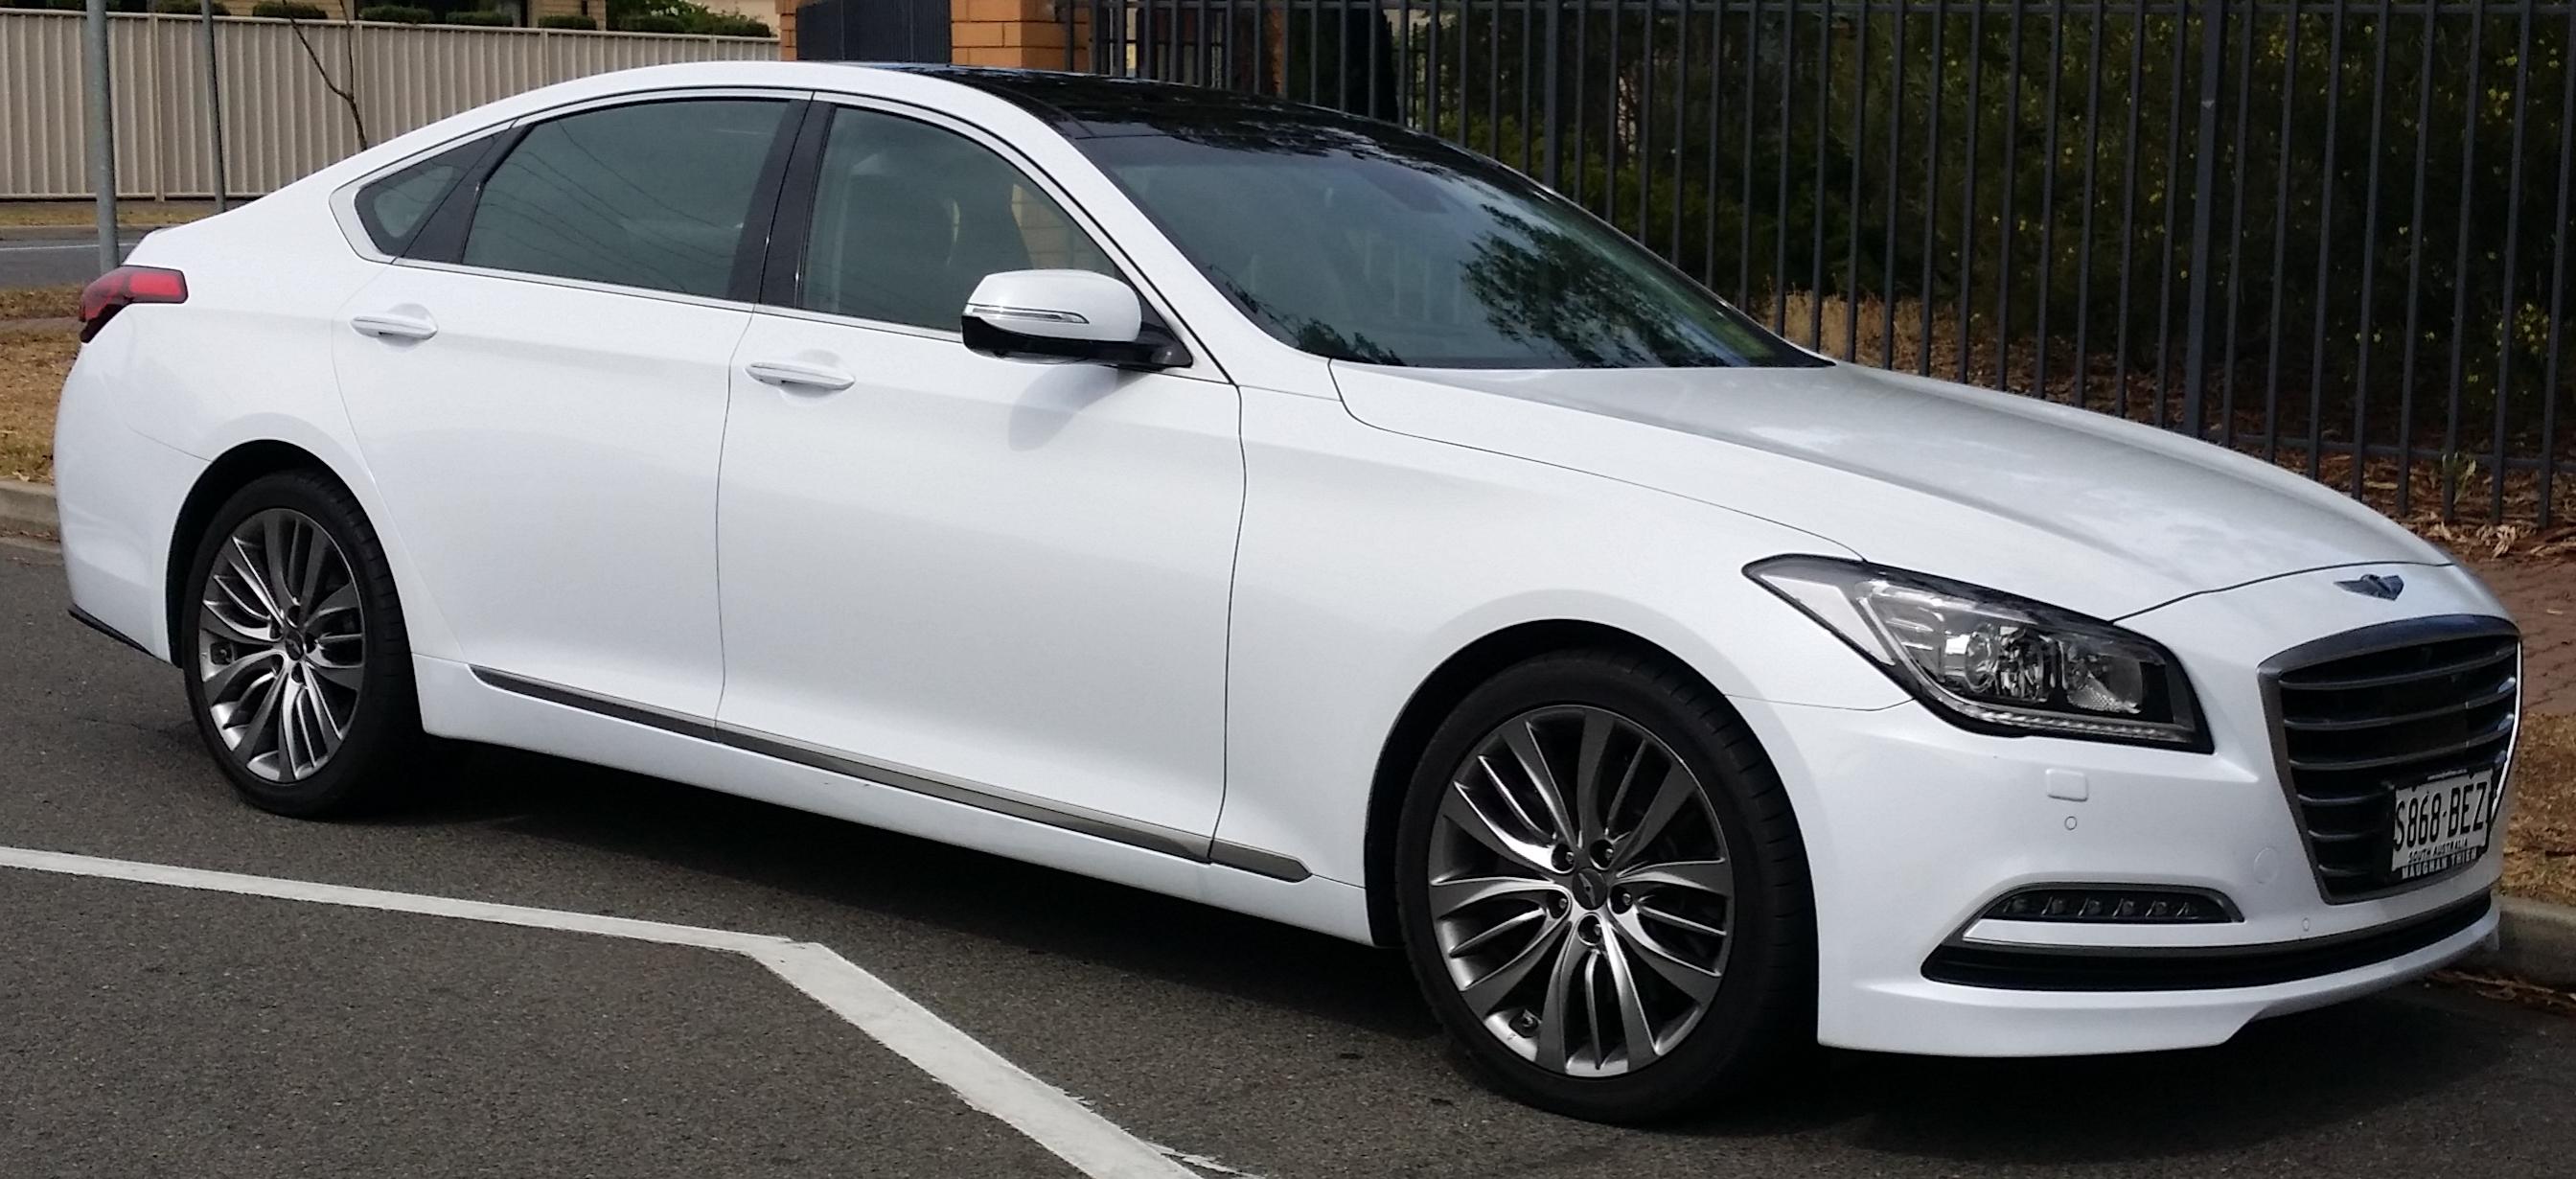 Hyundai Veut Concurrencer Tesla Avec Une Voiture